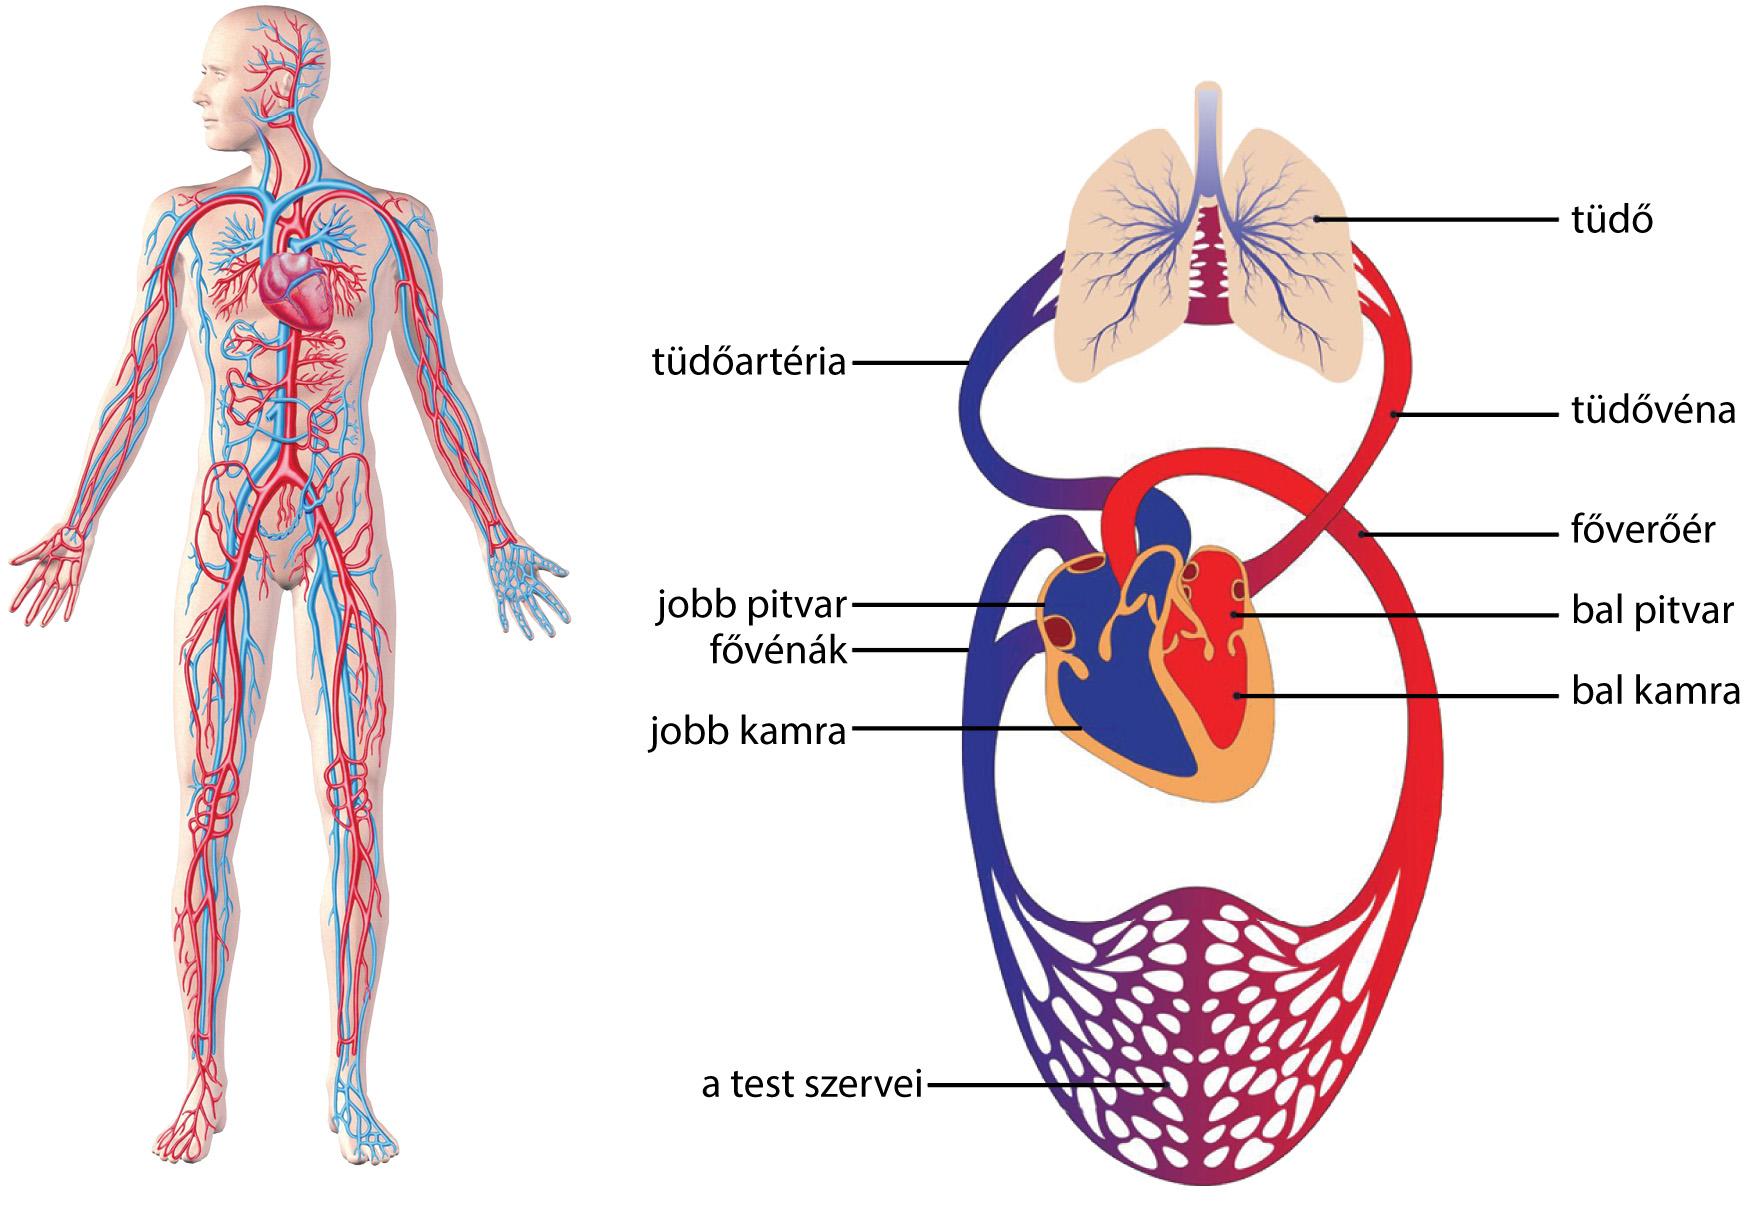 Tüdő elhelyezkedése az emberi testben